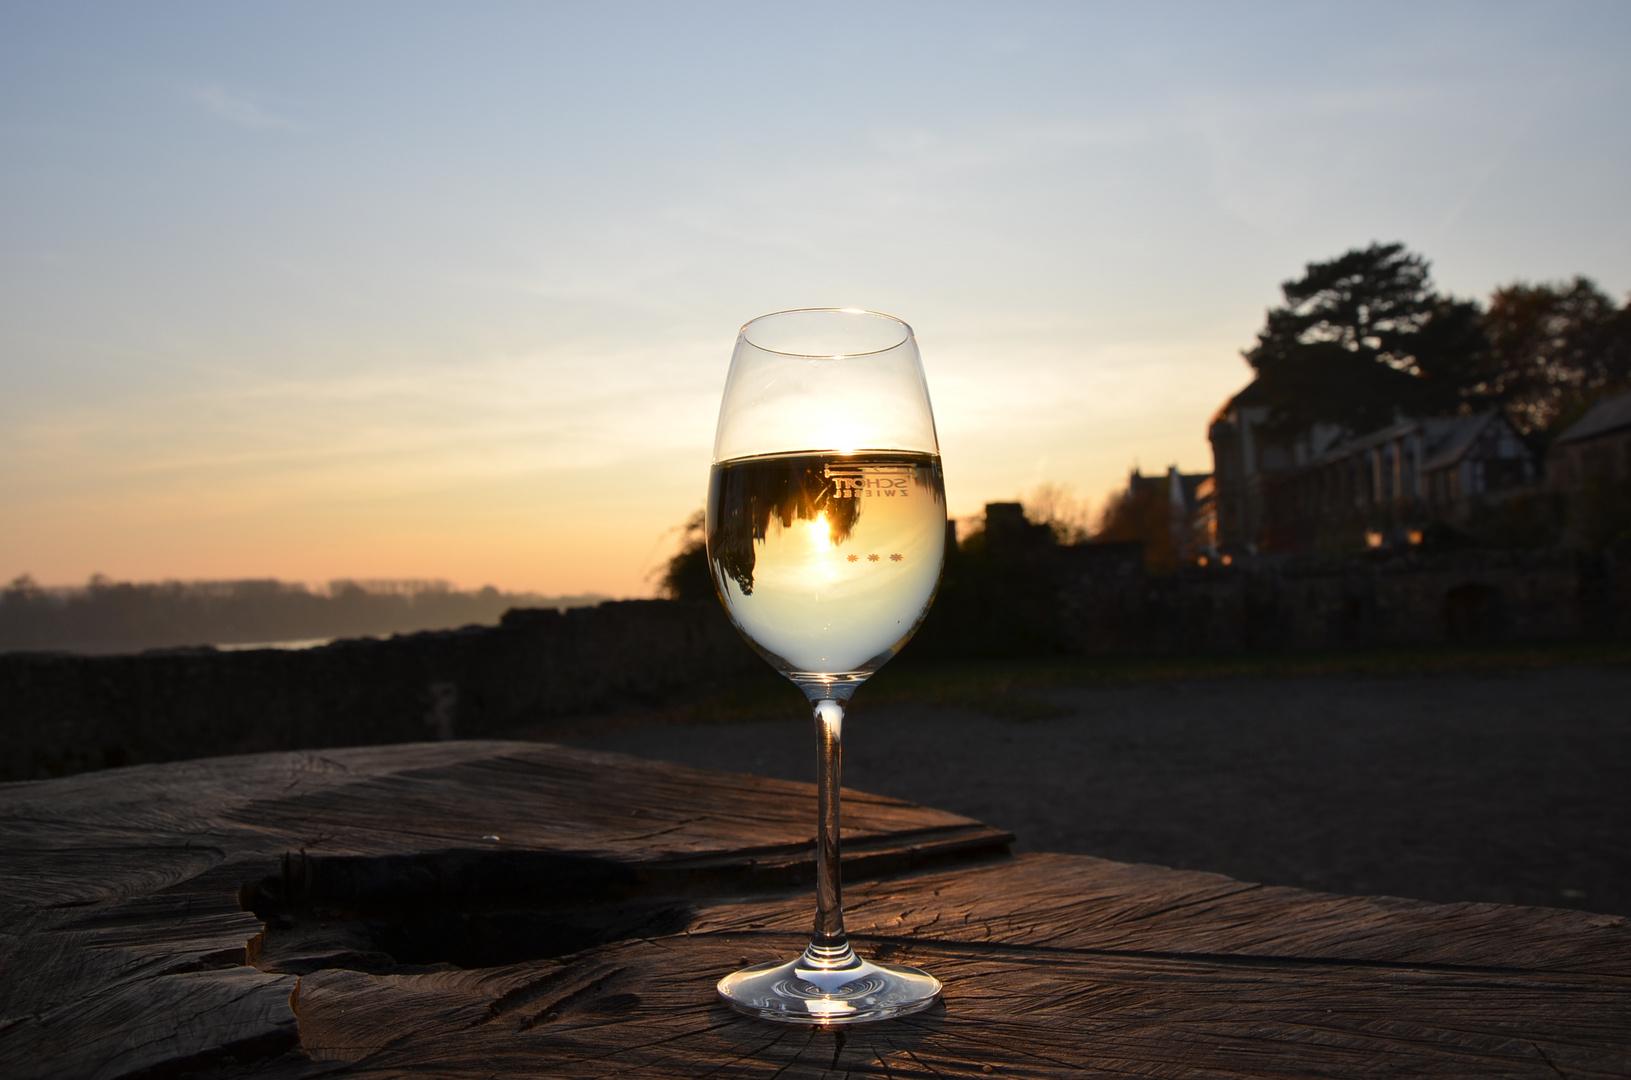 Sonnenschein im Glas eingefangen